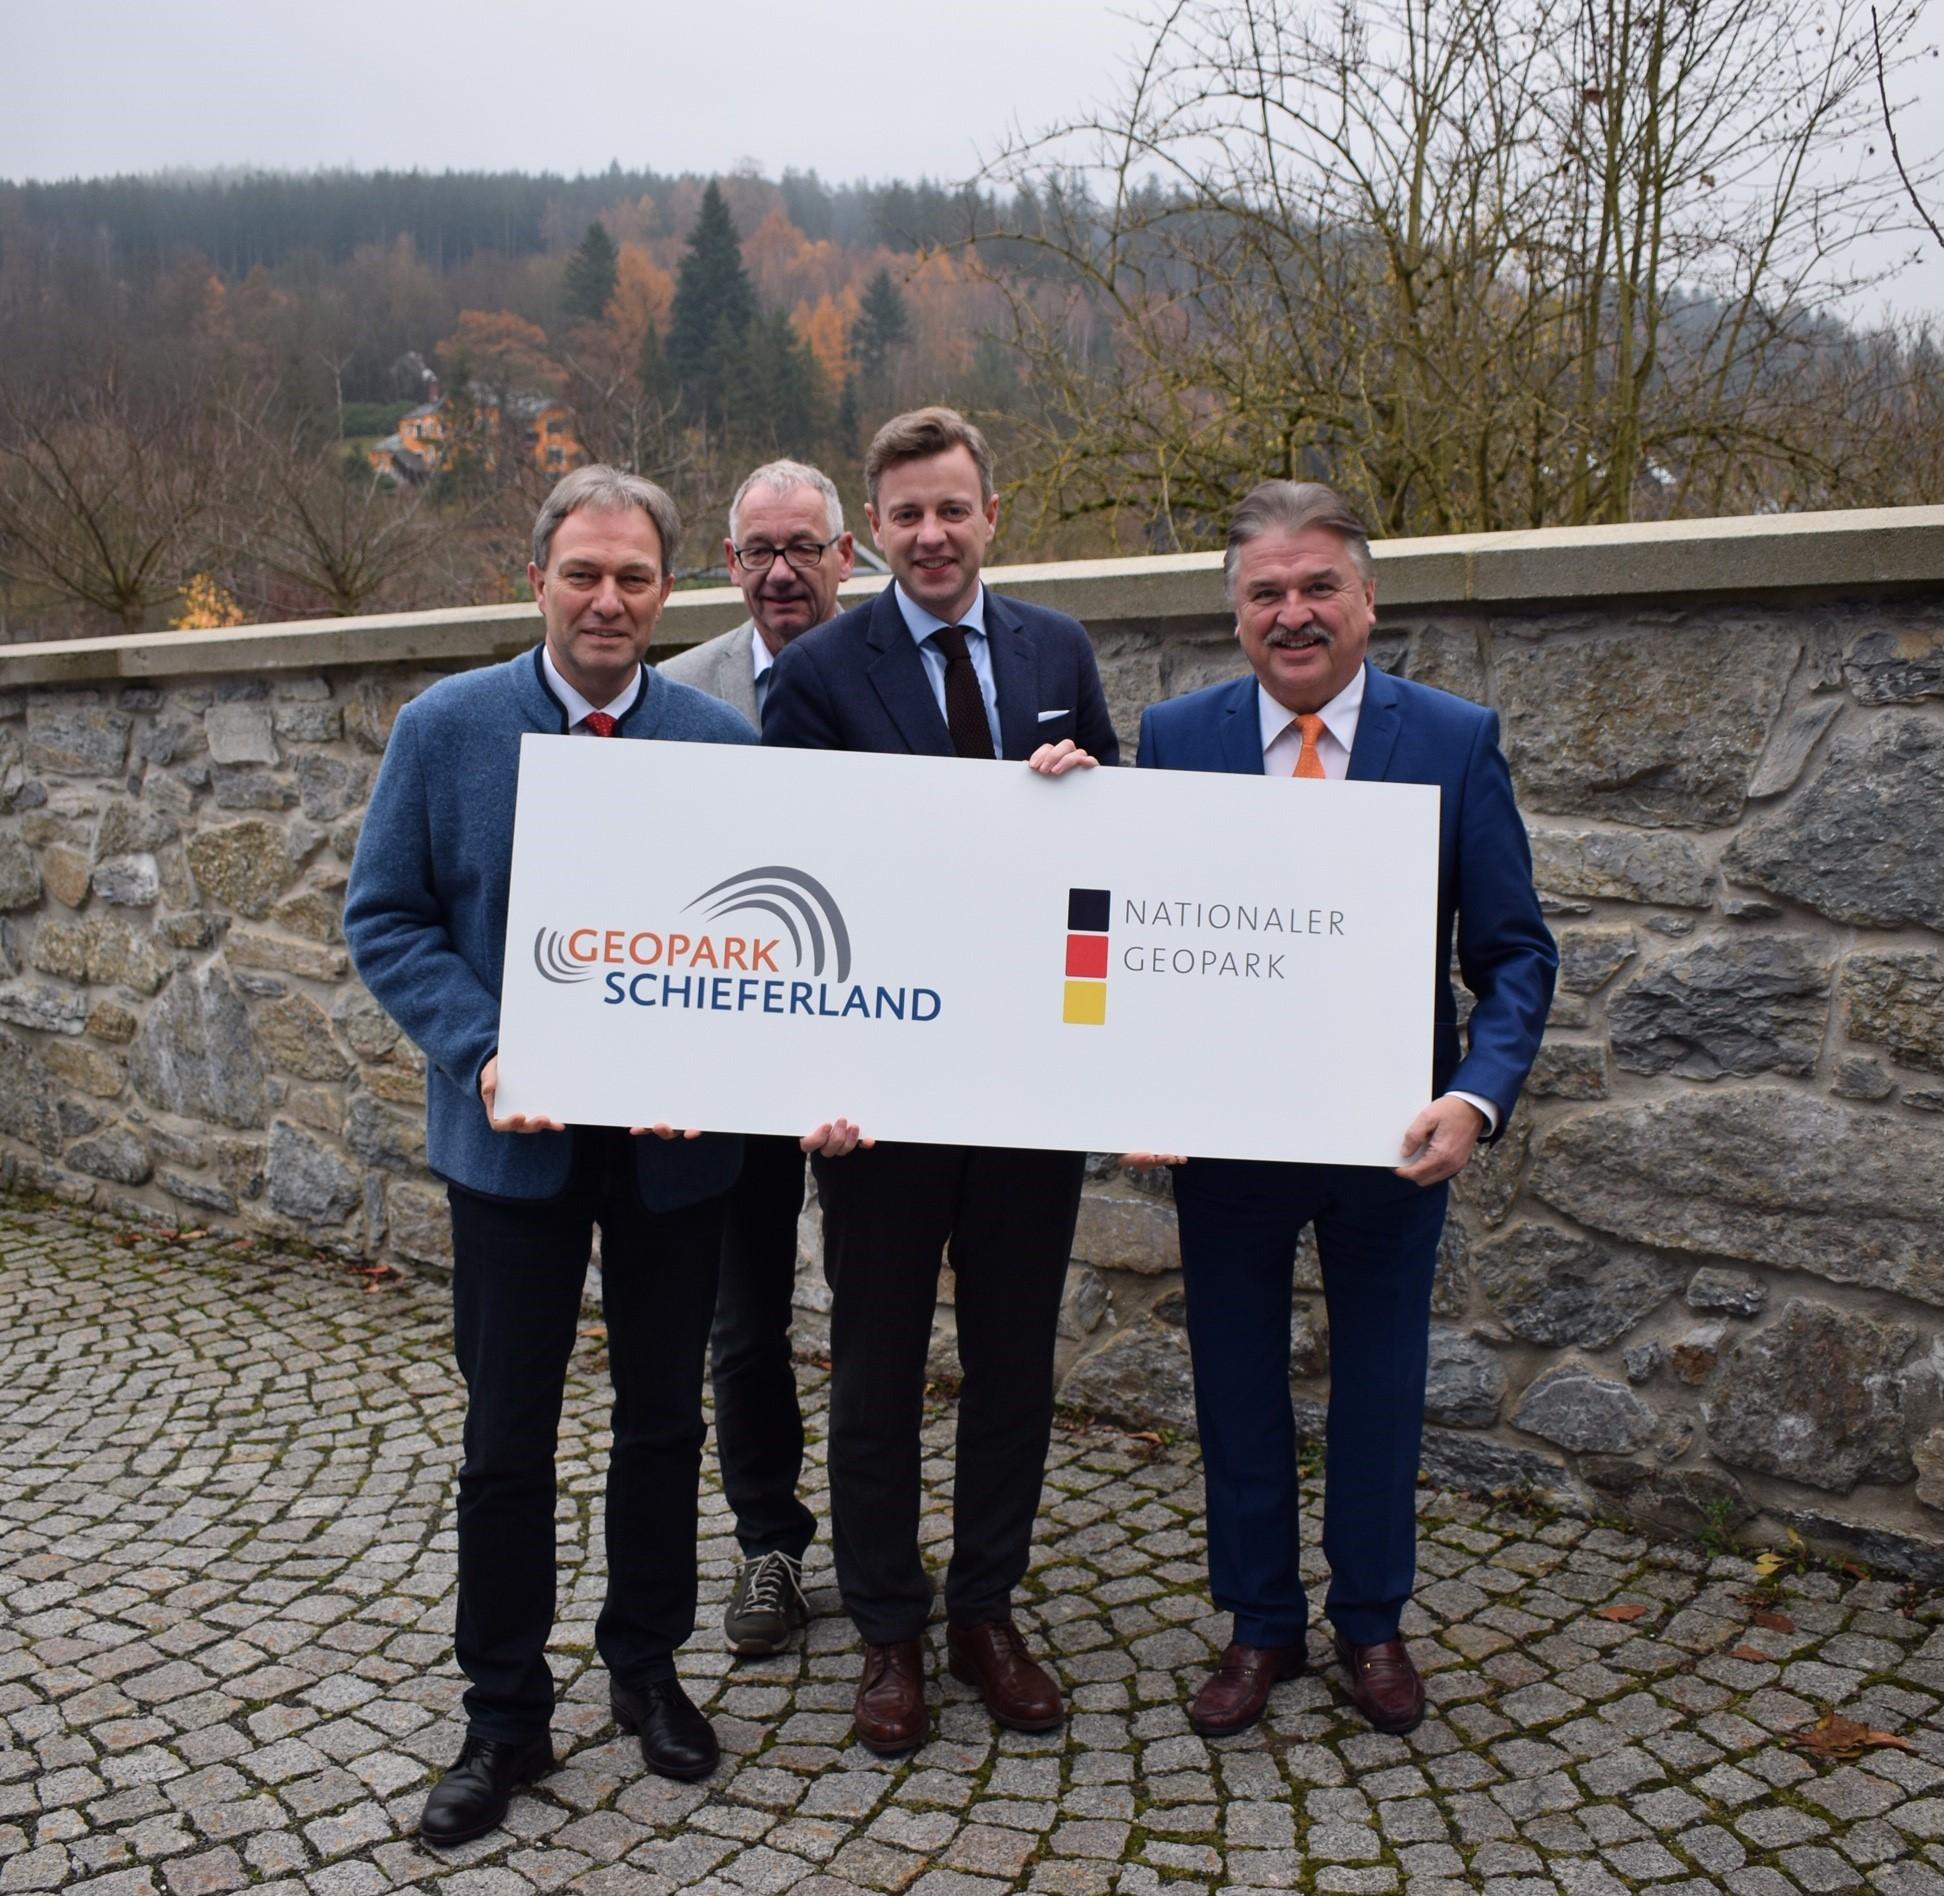 Freuen sich über die Wahl zum Nationalen Geopark: Klaus Löffler (Landrat Kronach), Dietrich Förster (Geschäftsführer Naturpark Frankenwald e.V.), Dr. Oliver Bär (Landrat Hof), Klaus Peter Söllner (Landrat Kulmbach)